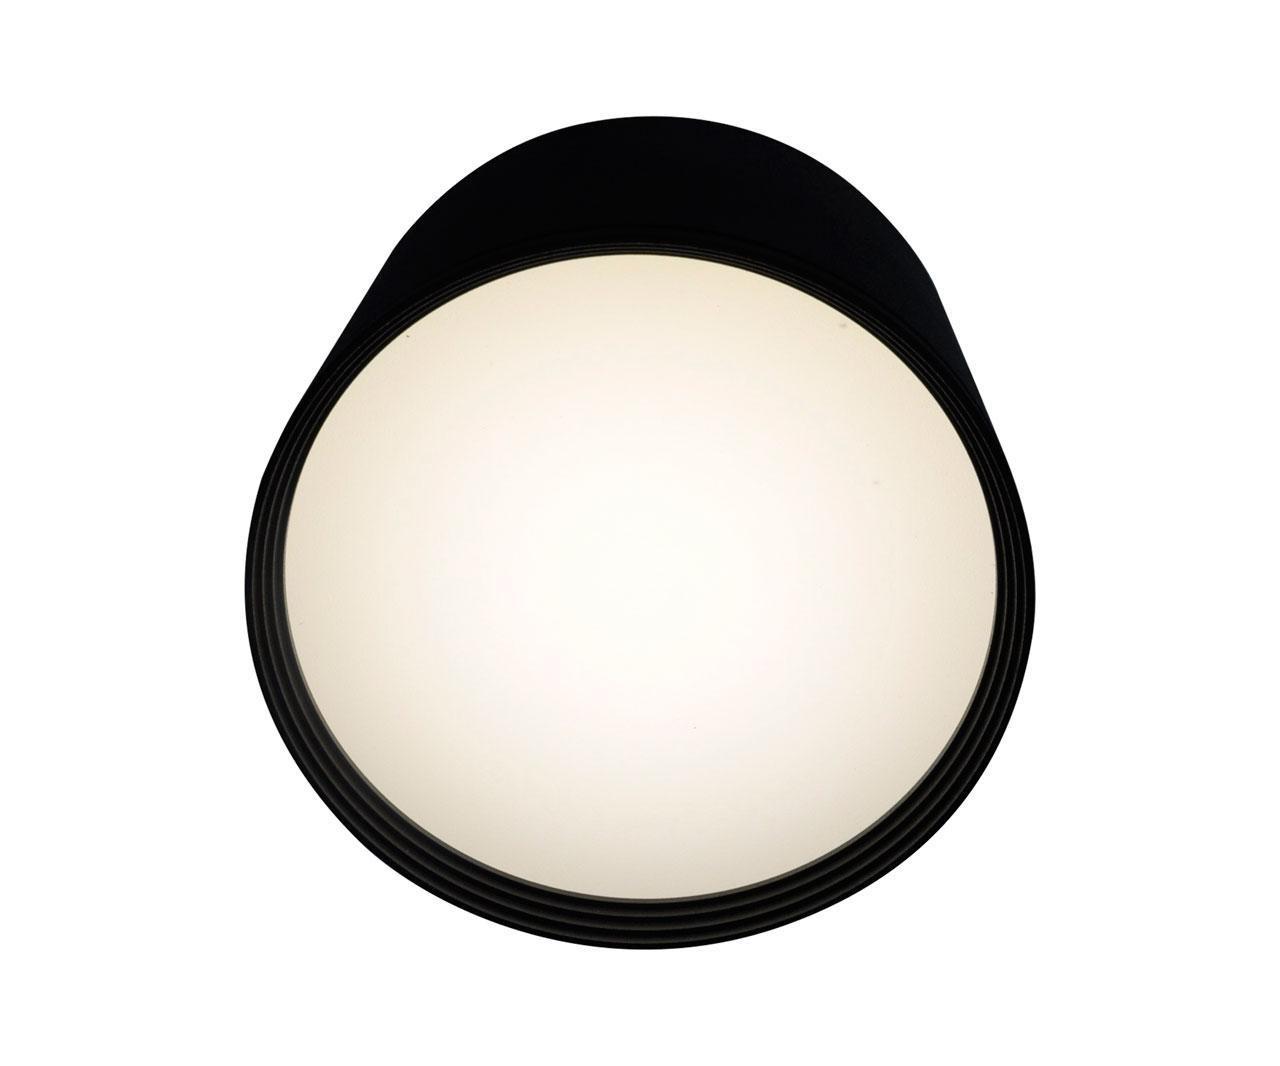 Потолочный светильник Kink Light 05412,19, черный цена